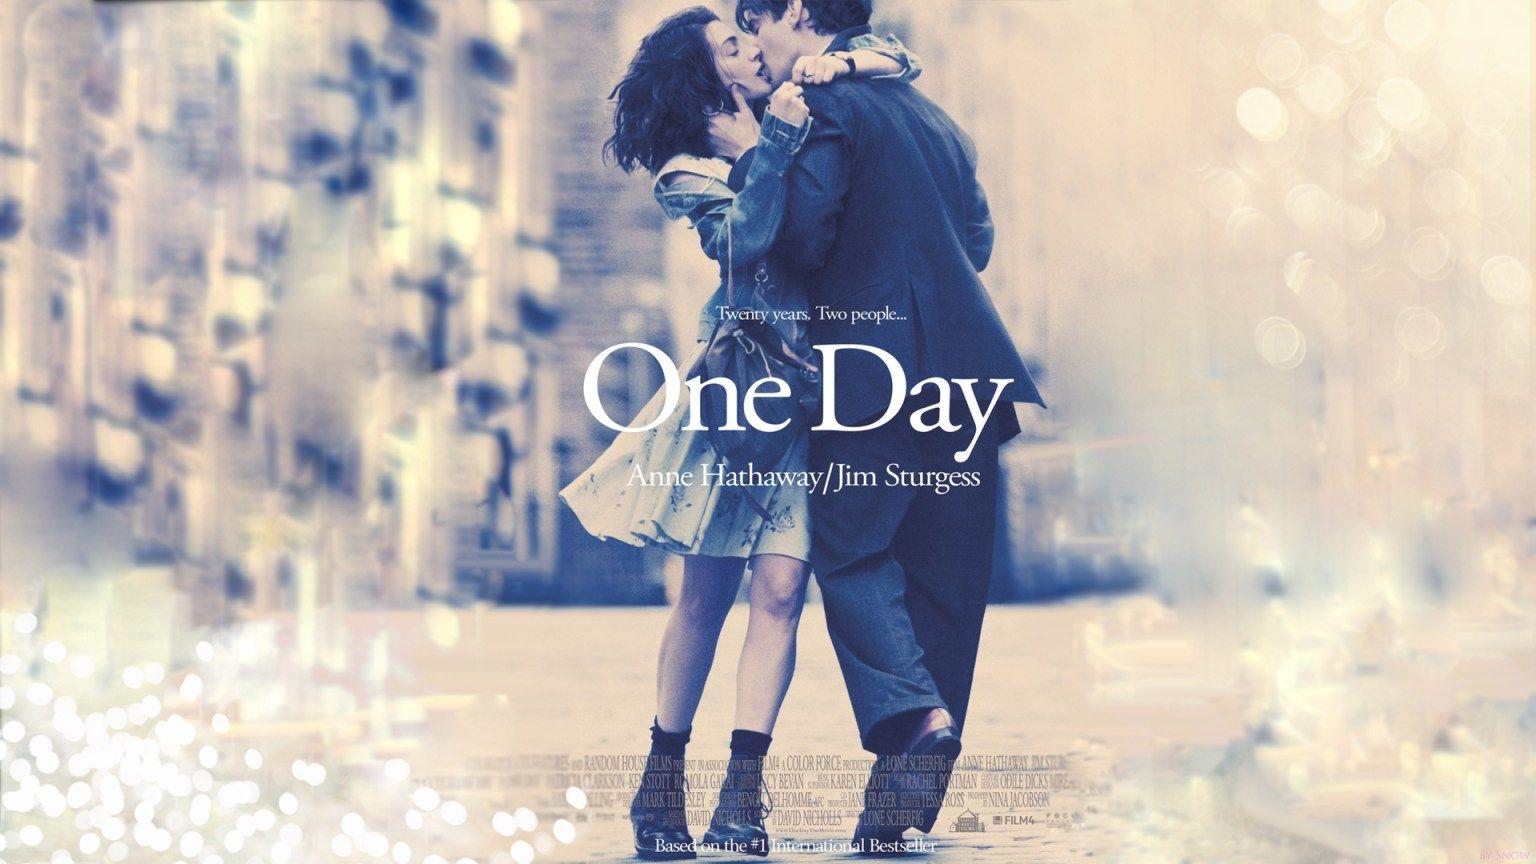 فيلم الاثارة والاغراء والرومانسية أمريكي مترجم كامل موقع افضل Movie One Day One Day Full Movie Dubbed